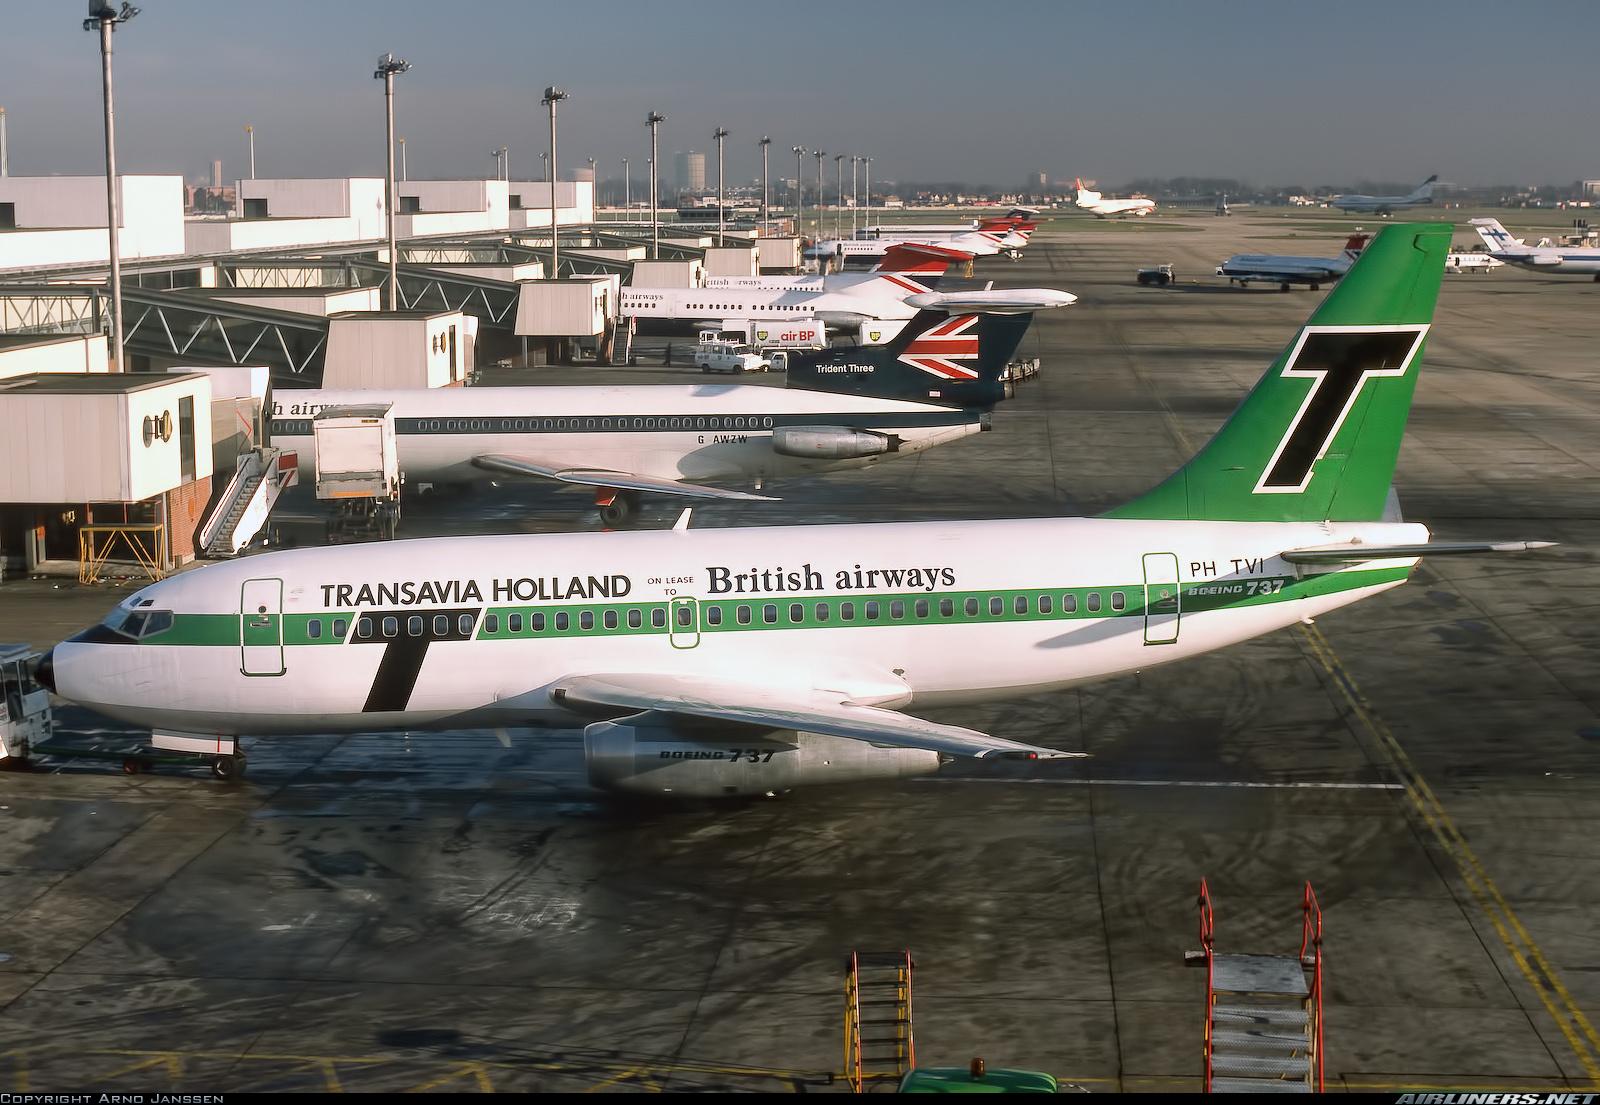 http://cdn-www.airliners.net/aviation-photos/photos/2/2/3/2051322.jpg